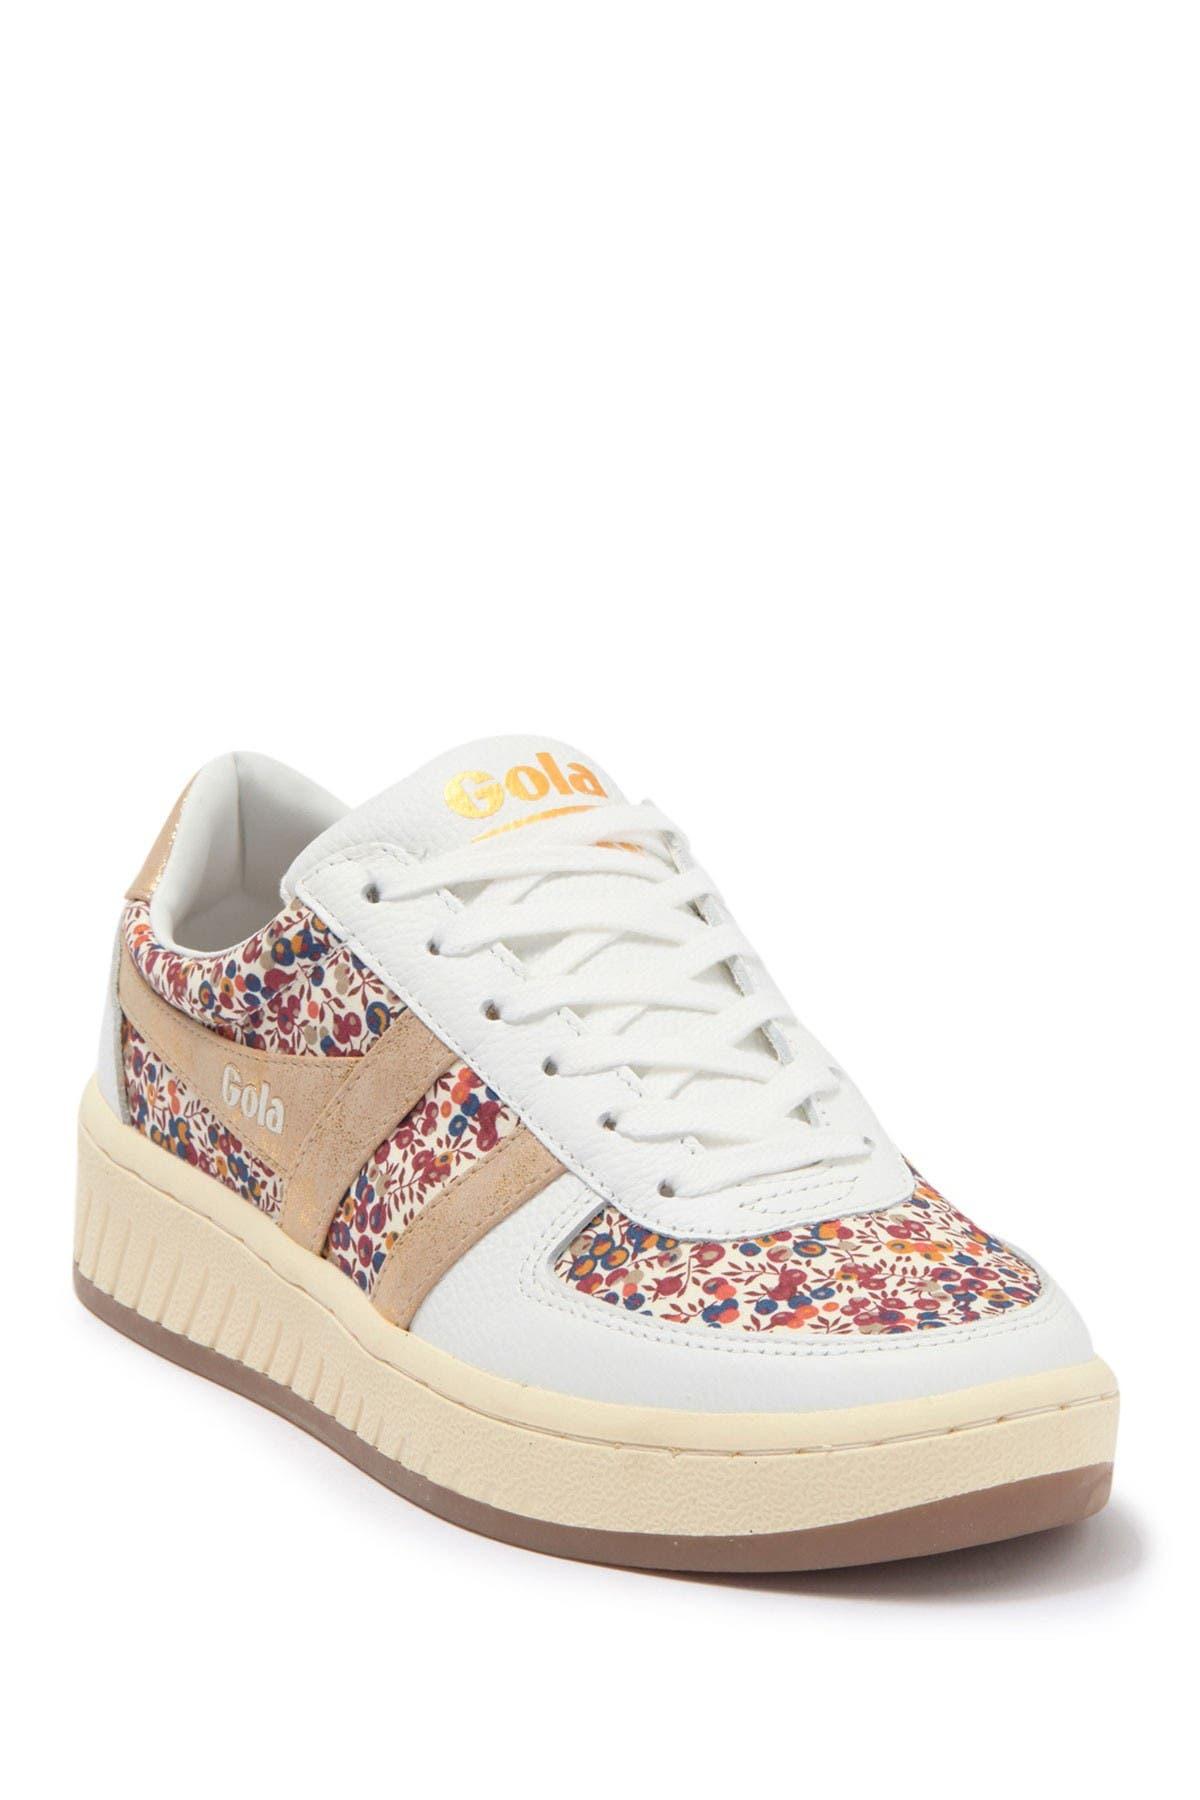 Image of Gola Grandslam Liberty Sneaker